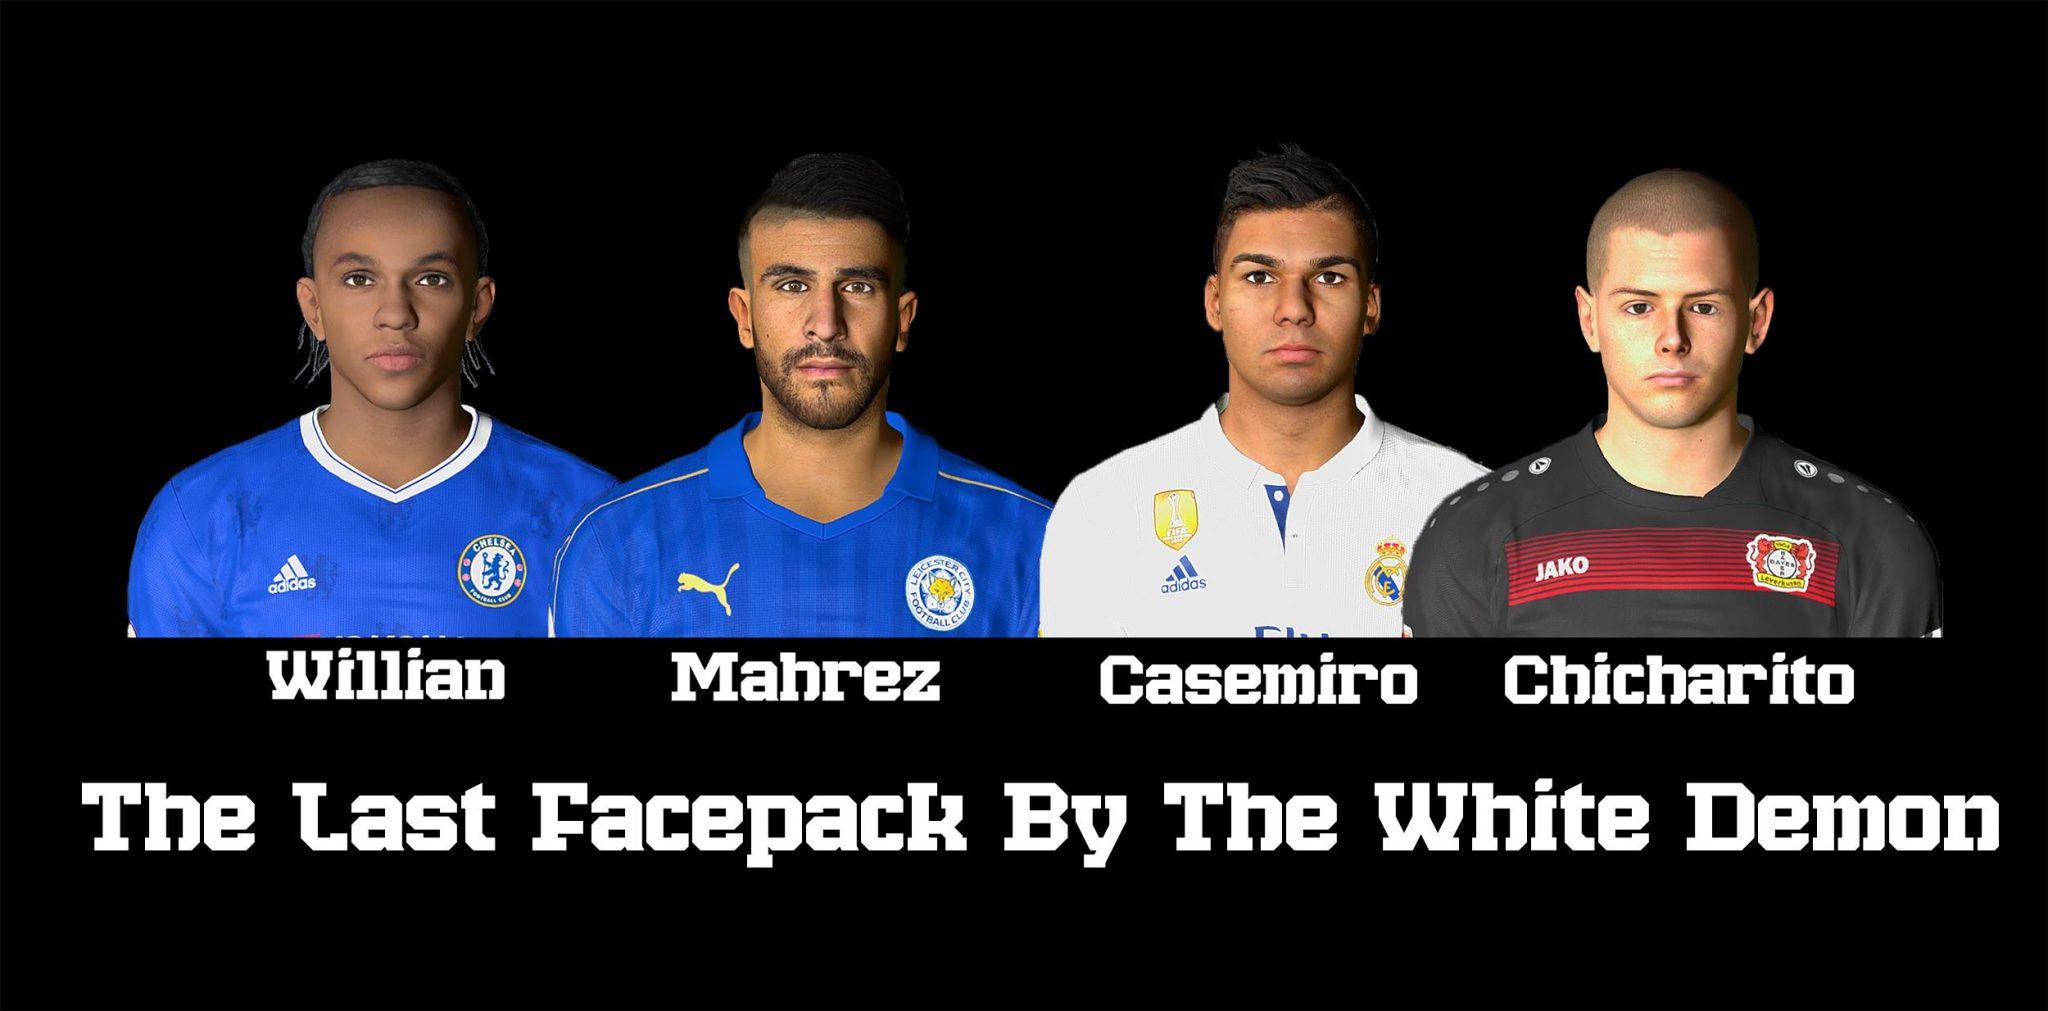 فیس پک جدید The Last Face Pack برای Pes 2017